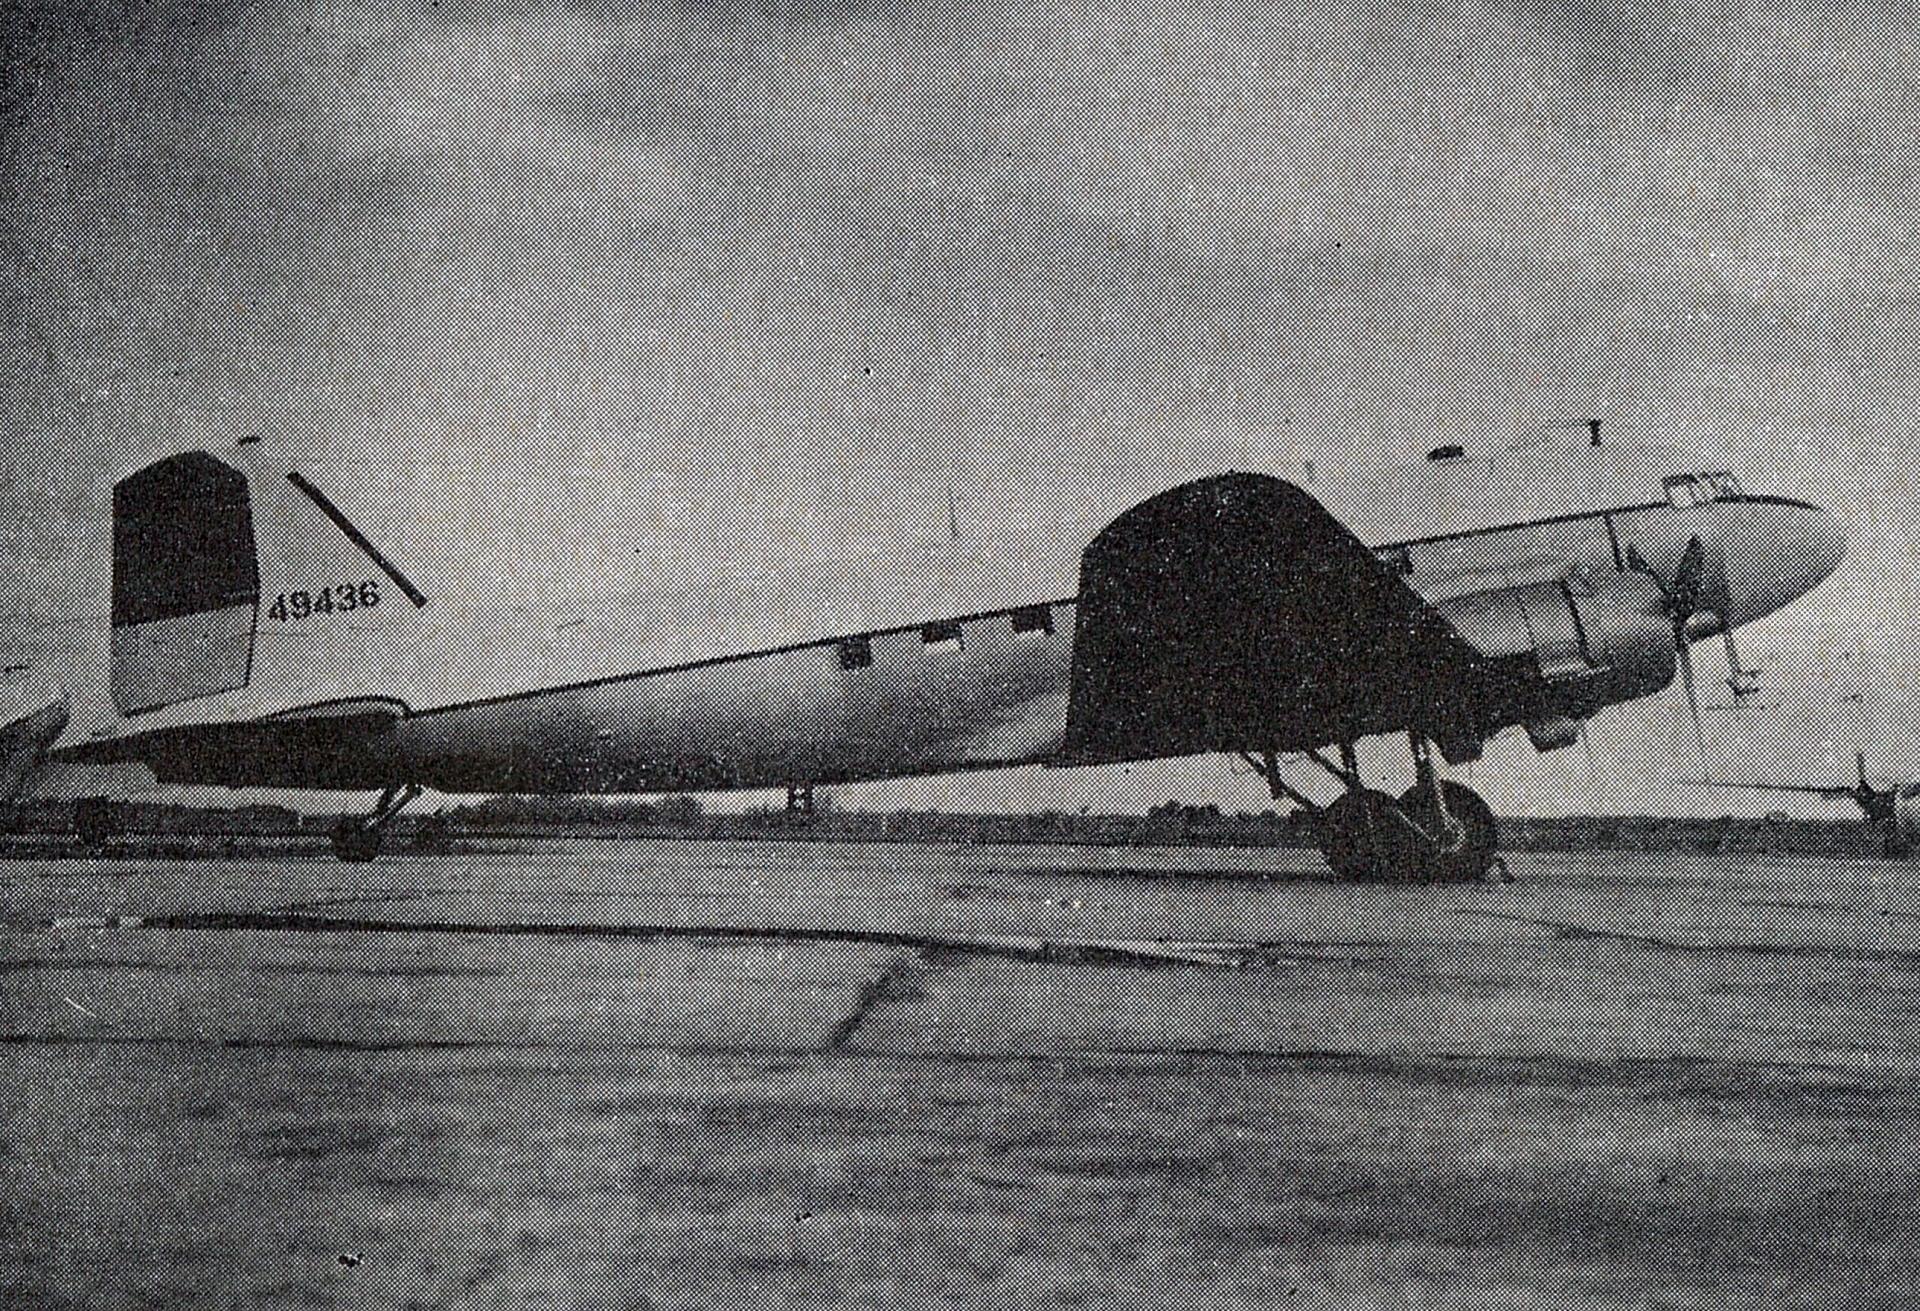 Histoire des Forces Royales Air 32000558792_c49175e184_o